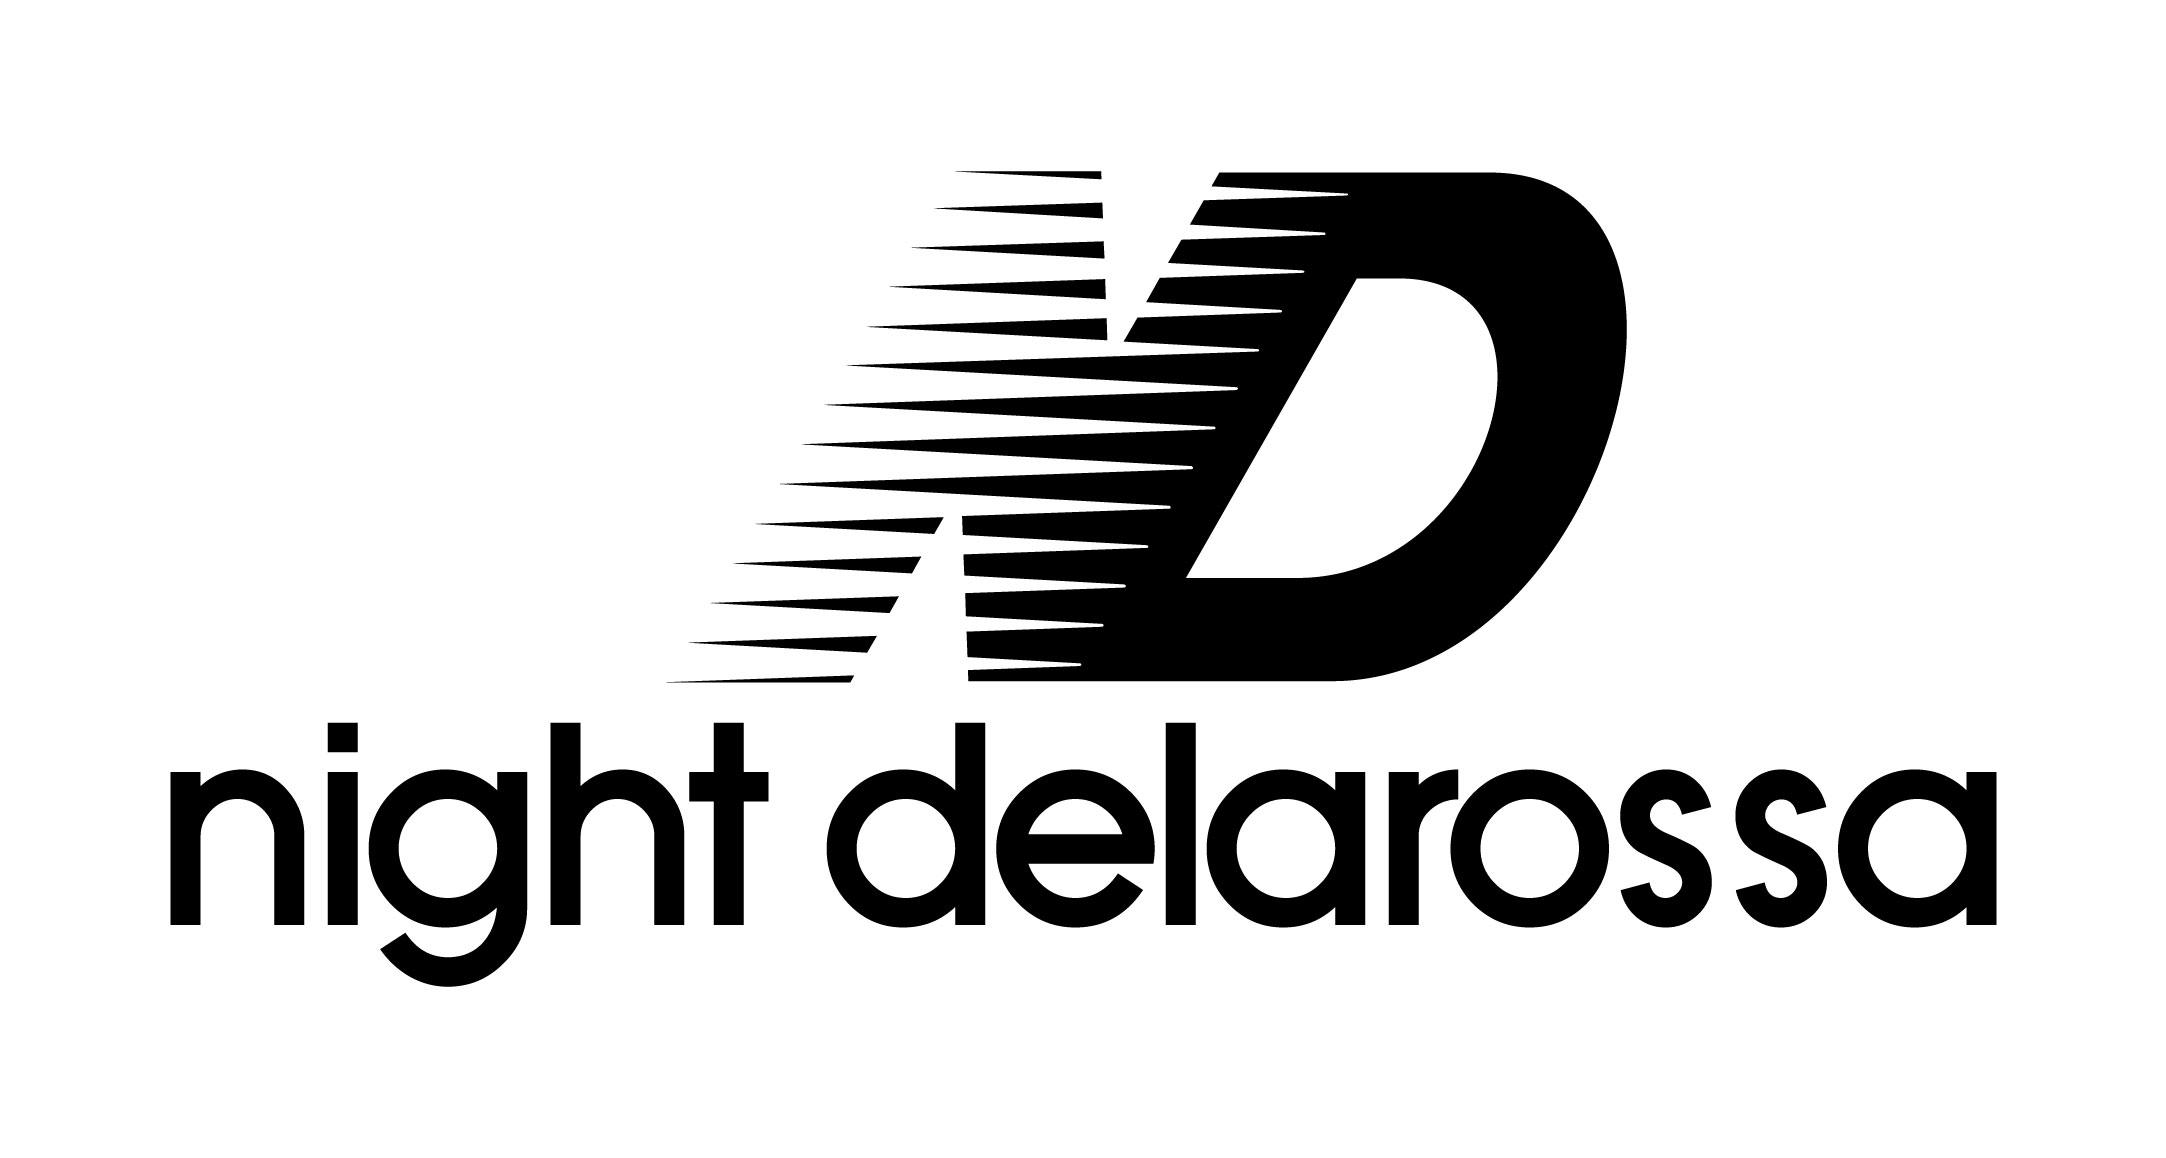 Night Delarossa2周年記念ステッカープレゼント